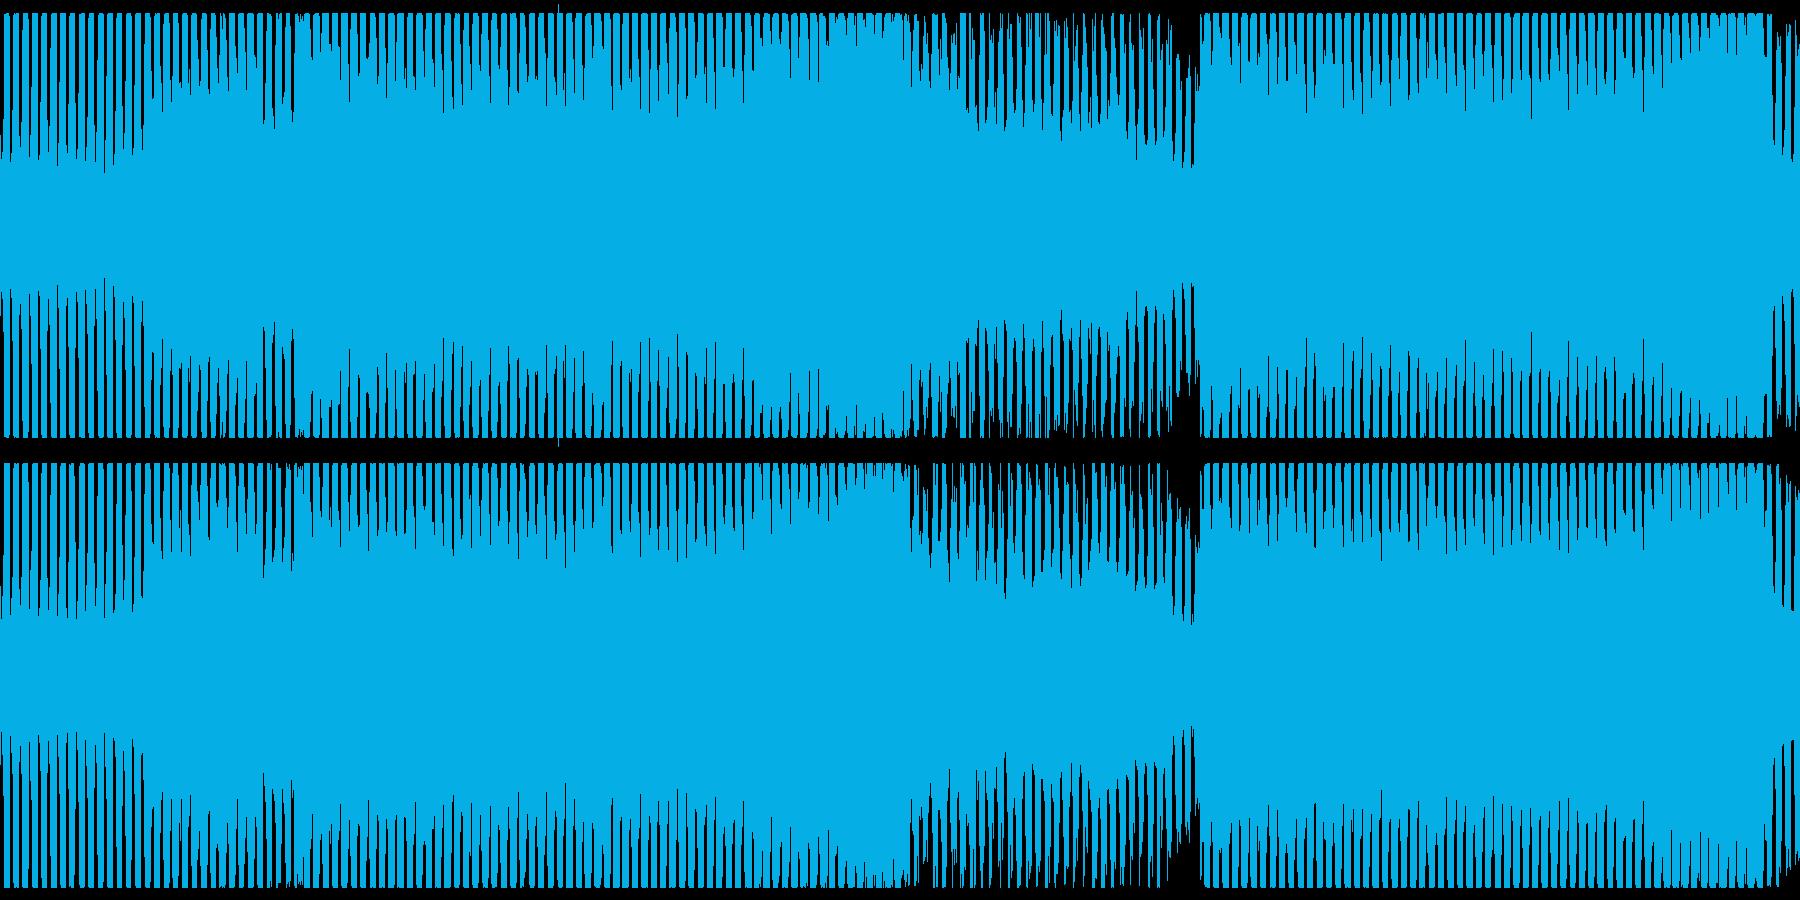 お洒落なEDM/ダンスミュージックループの再生済みの波形